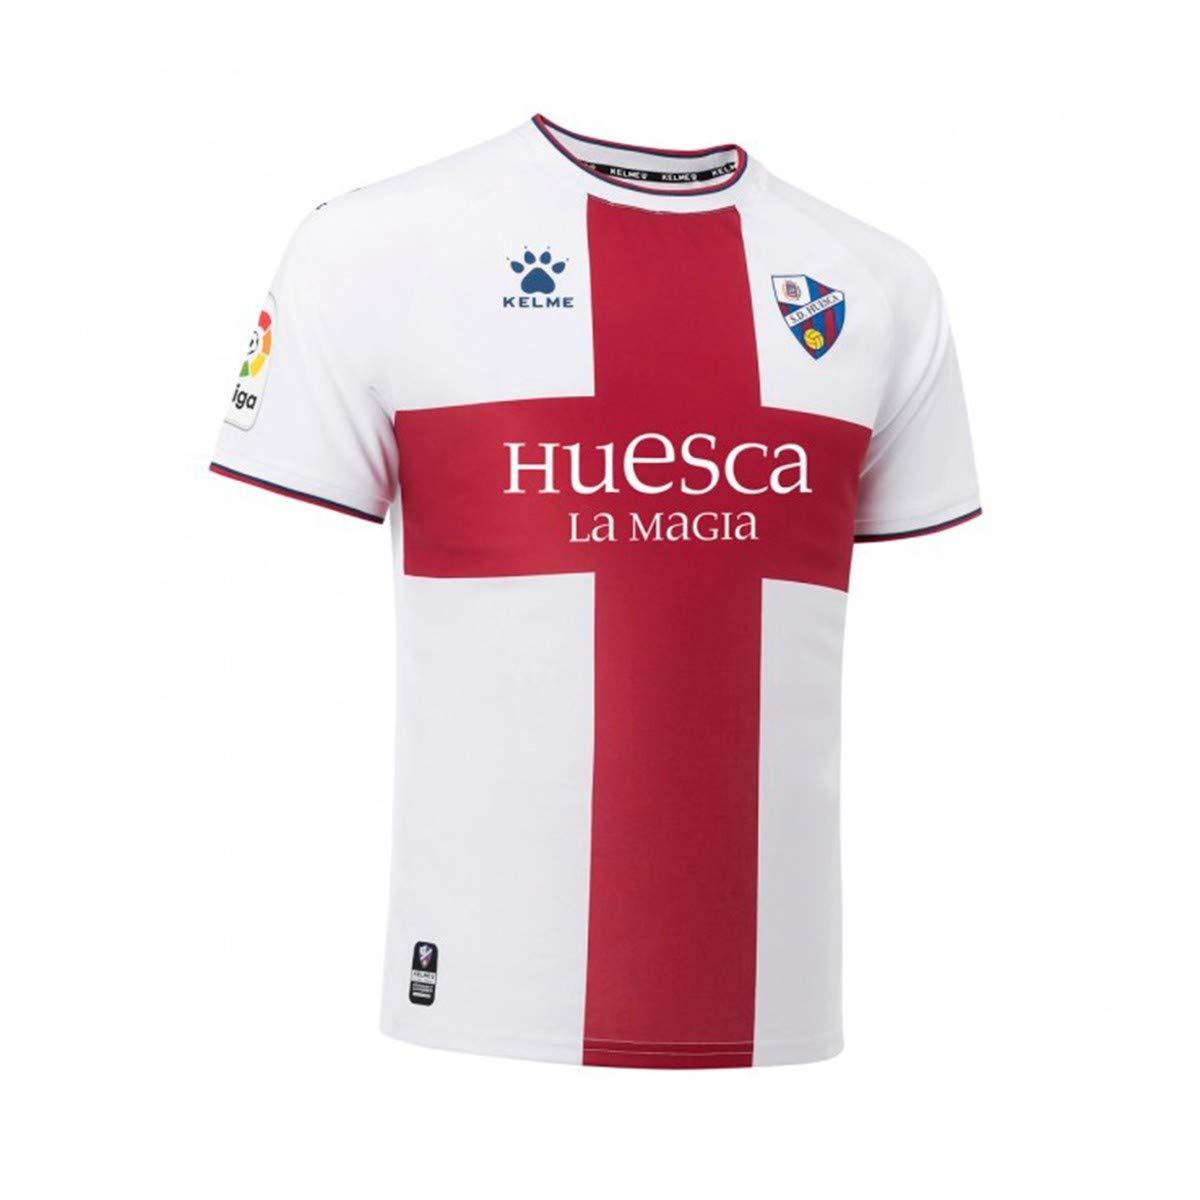 KELME SD Huesca Segunda Equipación 2018-2019, Camiseta, Blanco-Granate: Amazon.es: Deportes y aire libre